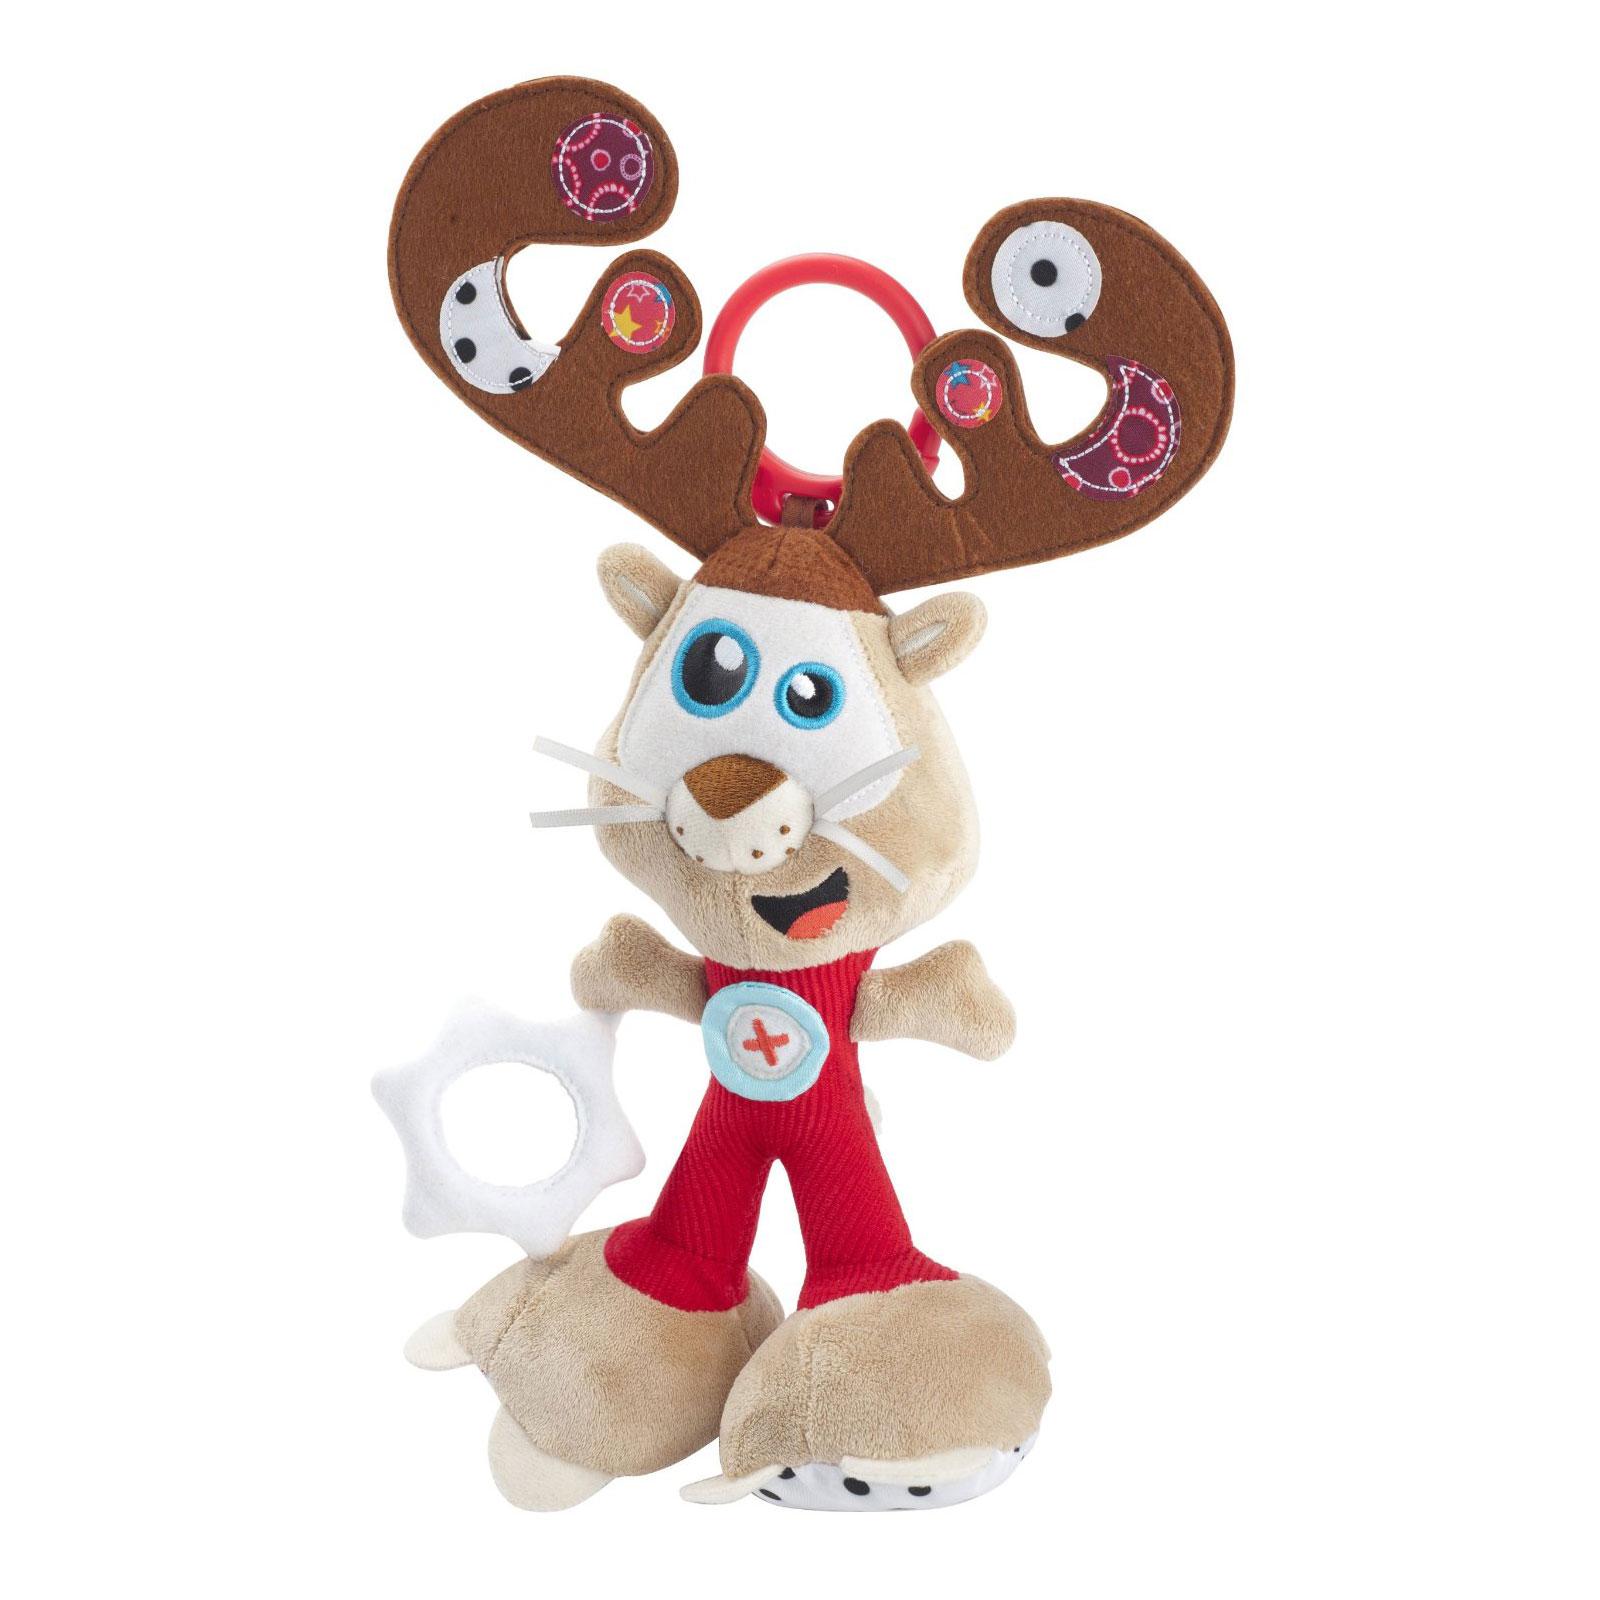 Развивающая игрушка Baby Moov reindeer-северный олень